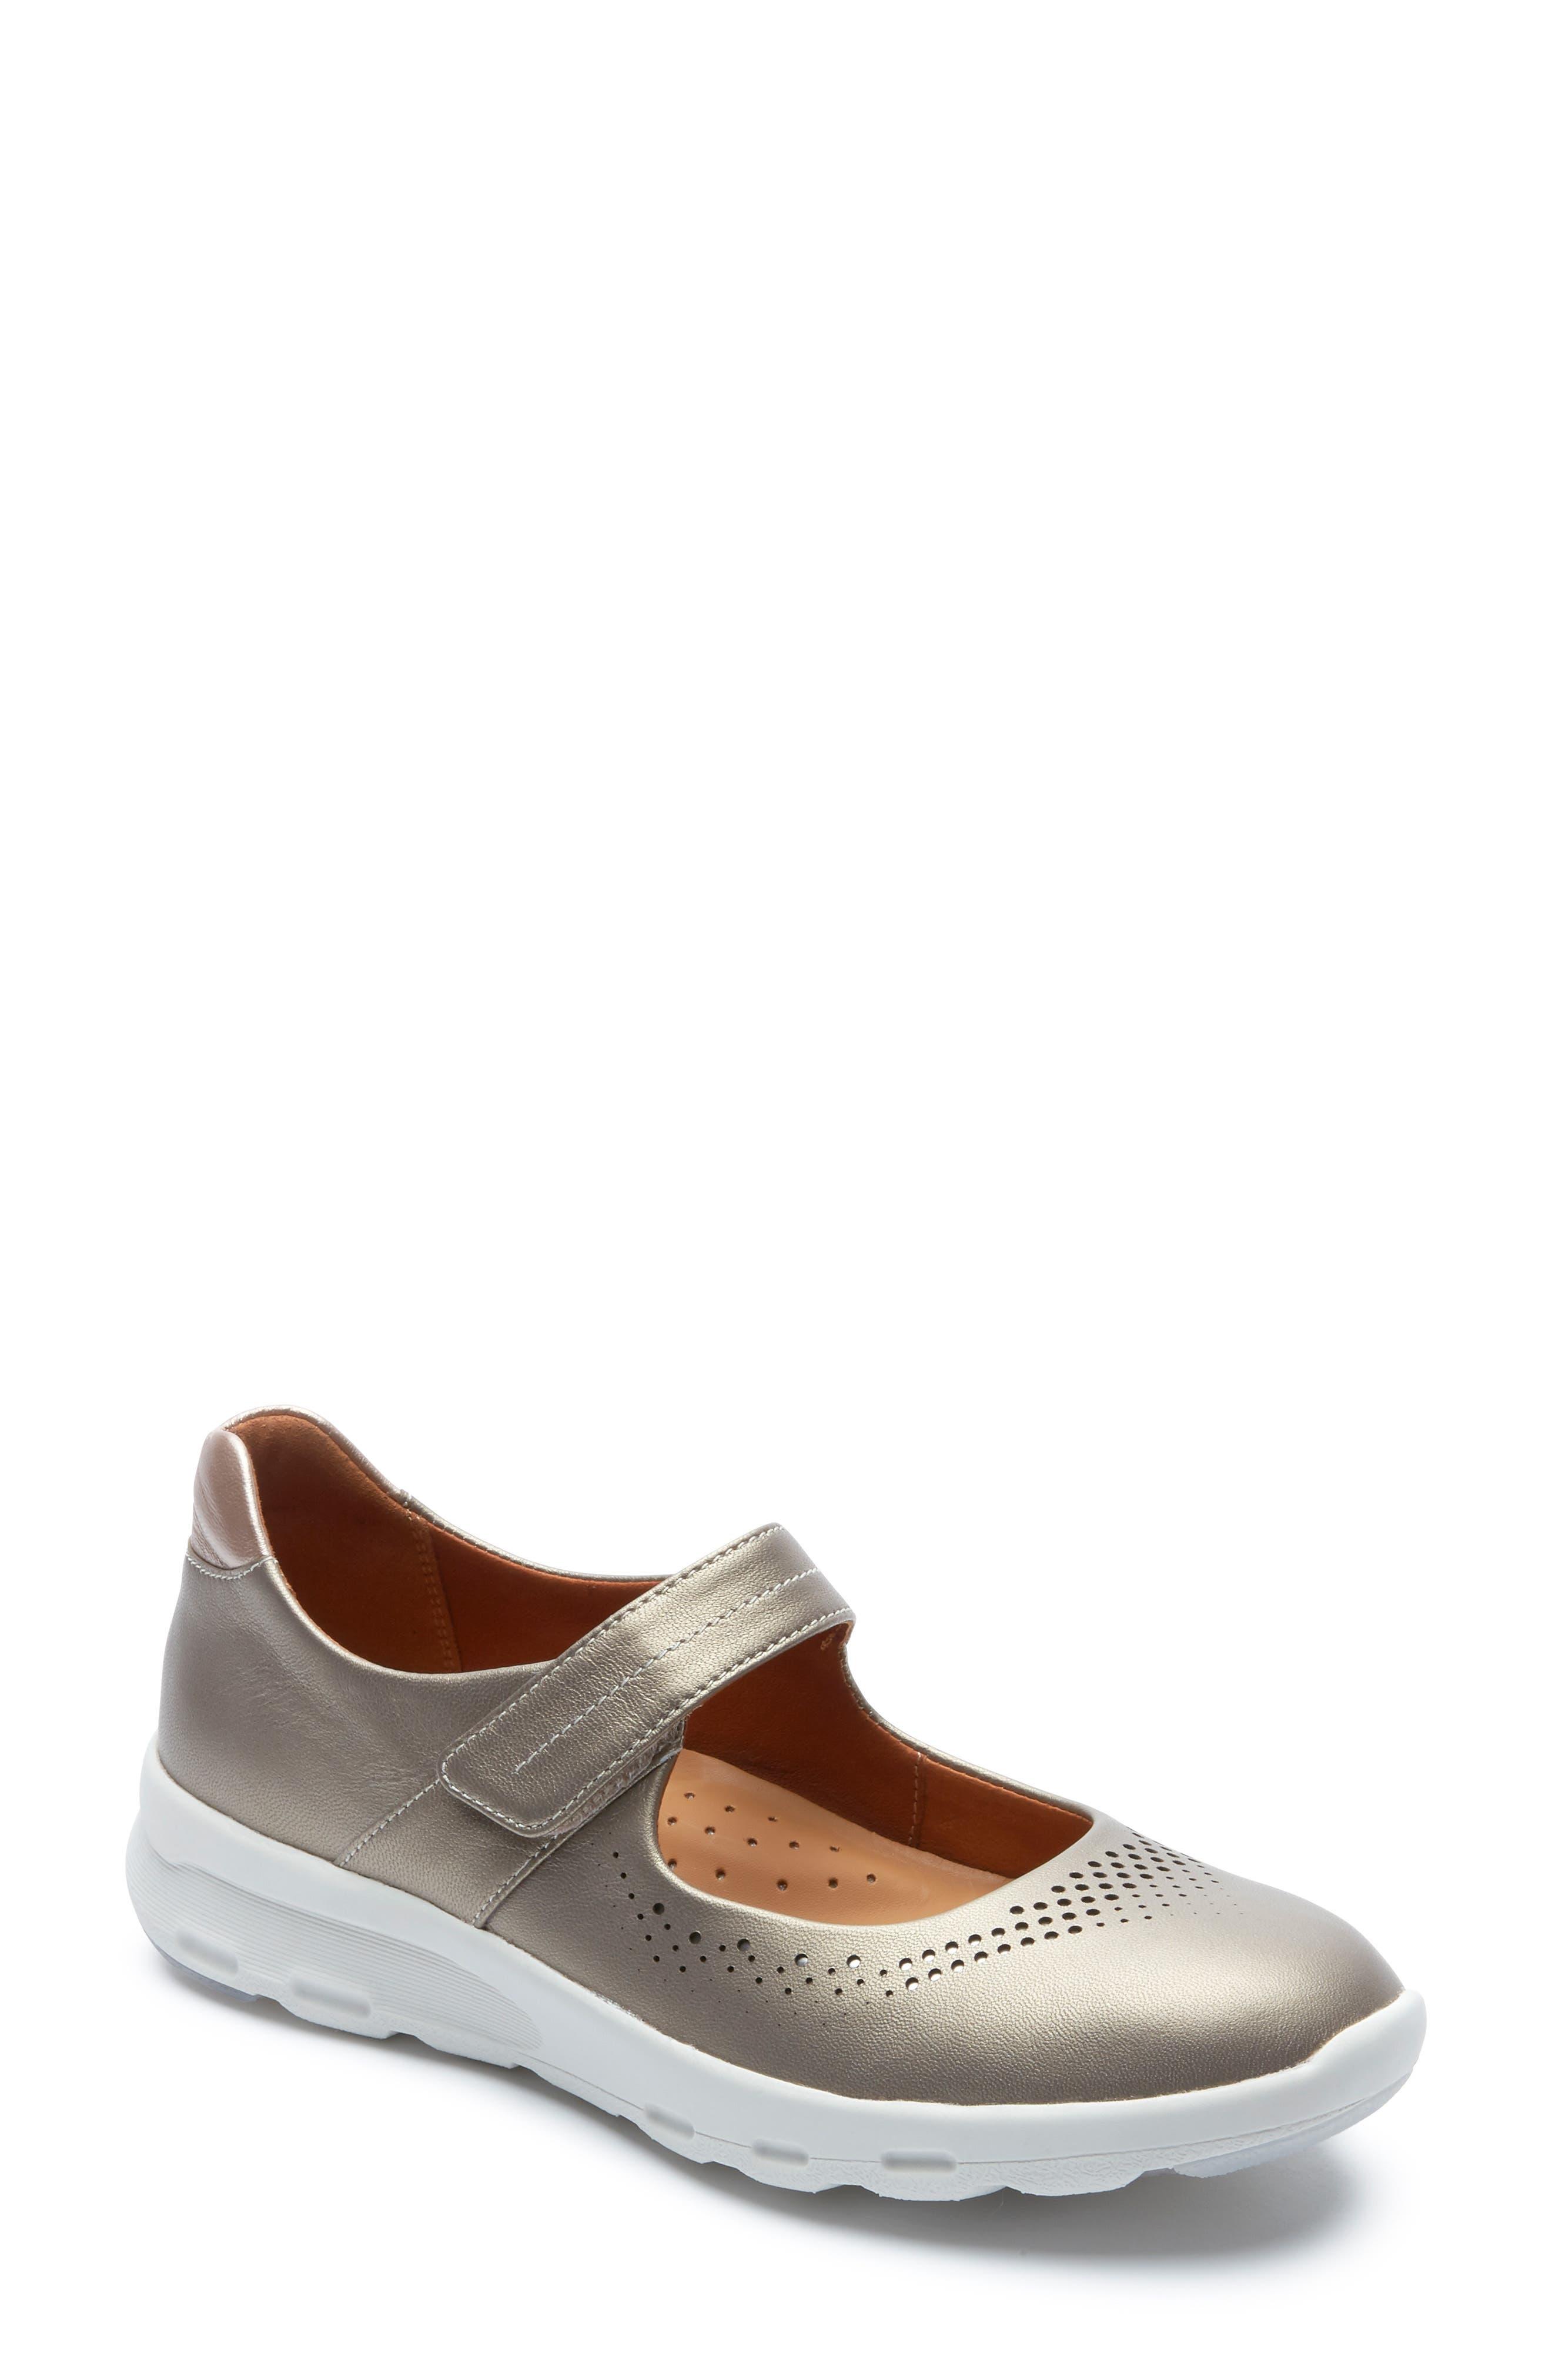 Rockport Mary Jane Walking Shoe, Grey